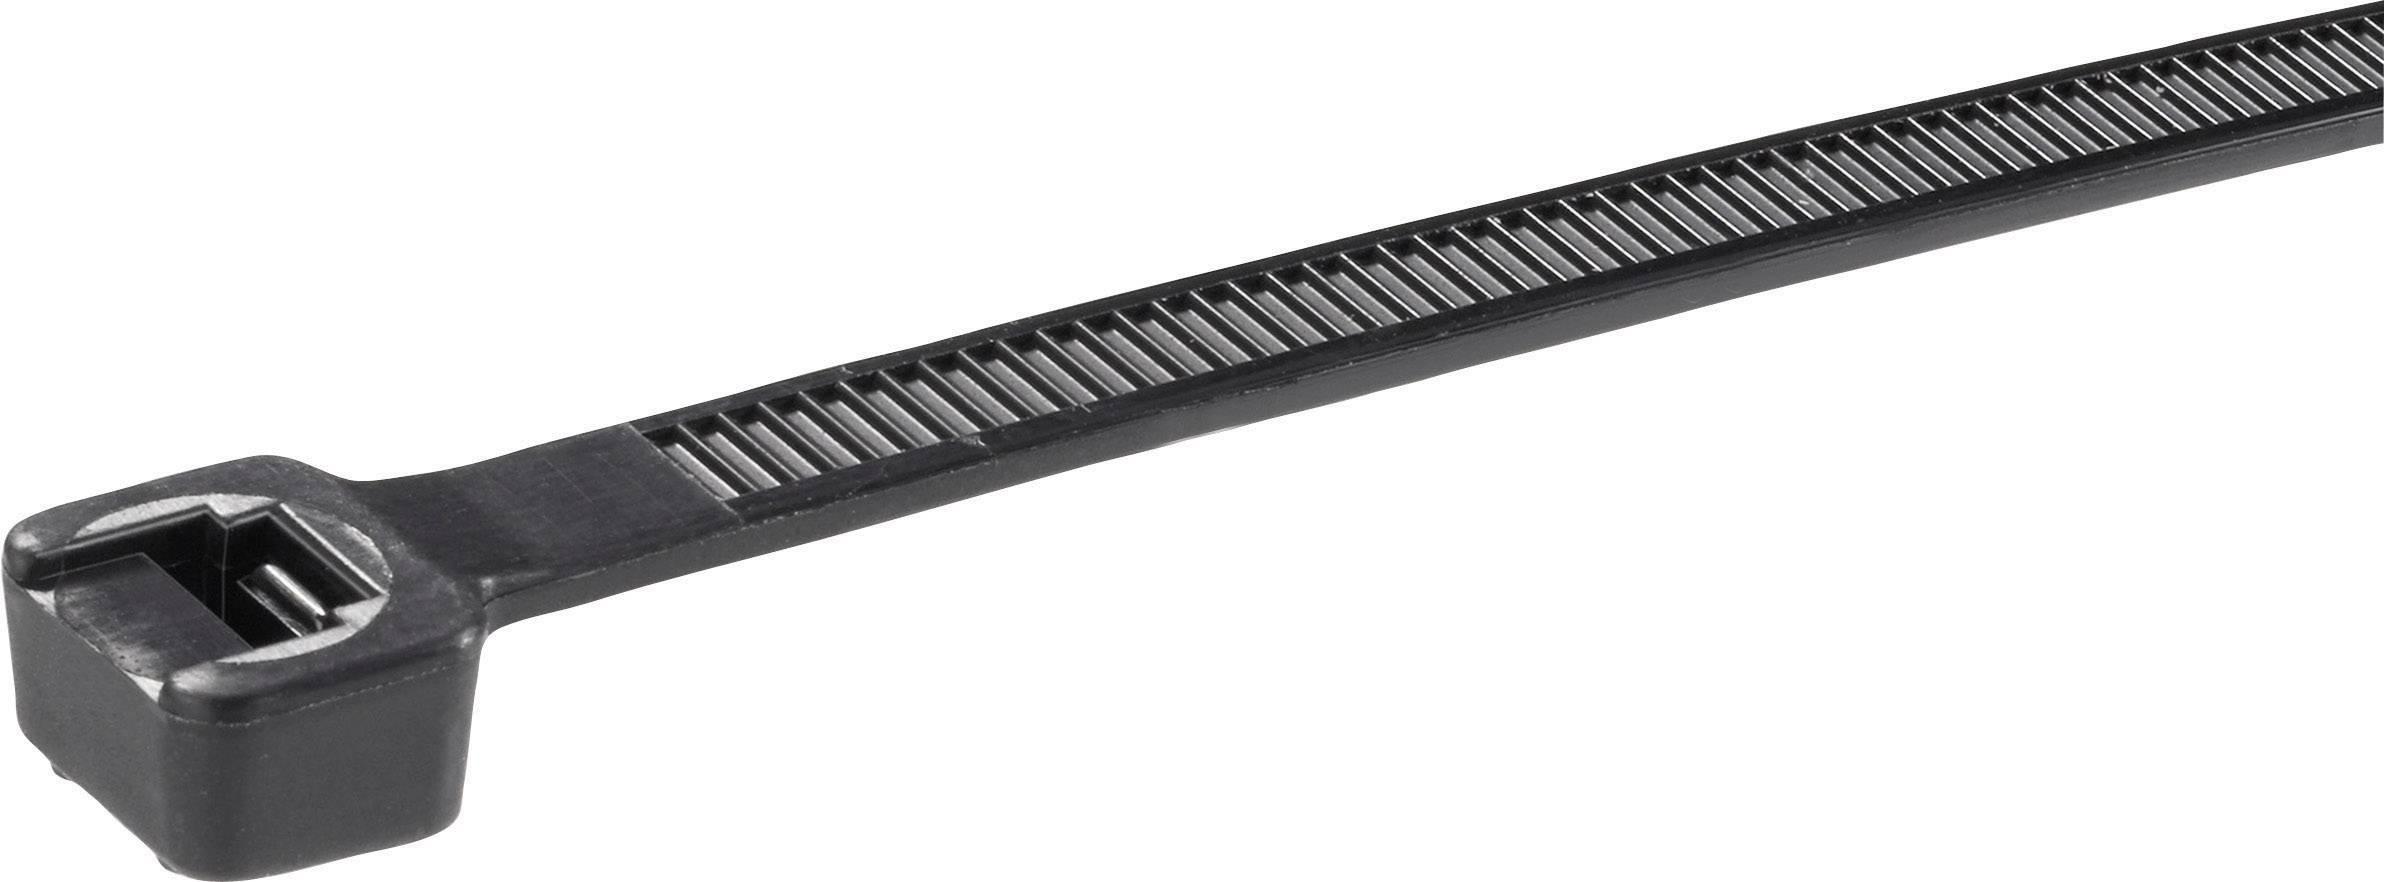 Sťahovacie pásky Panduit PLT2S-C0, 188 mm, polyamid 6.6, čierna, 100 ks